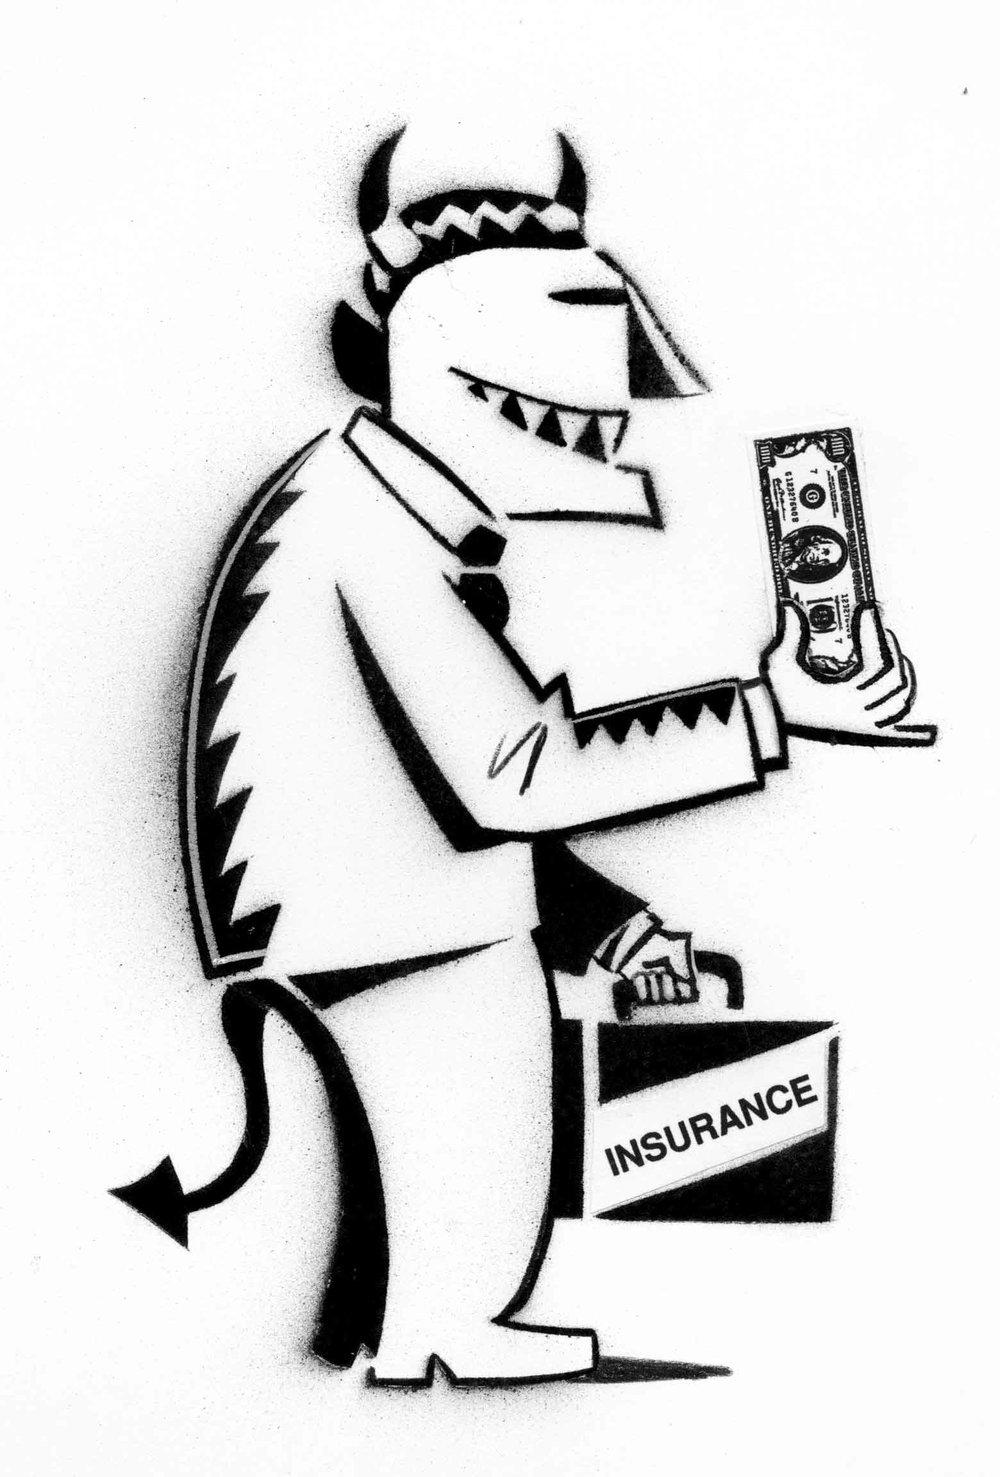 insurance_g.jpg